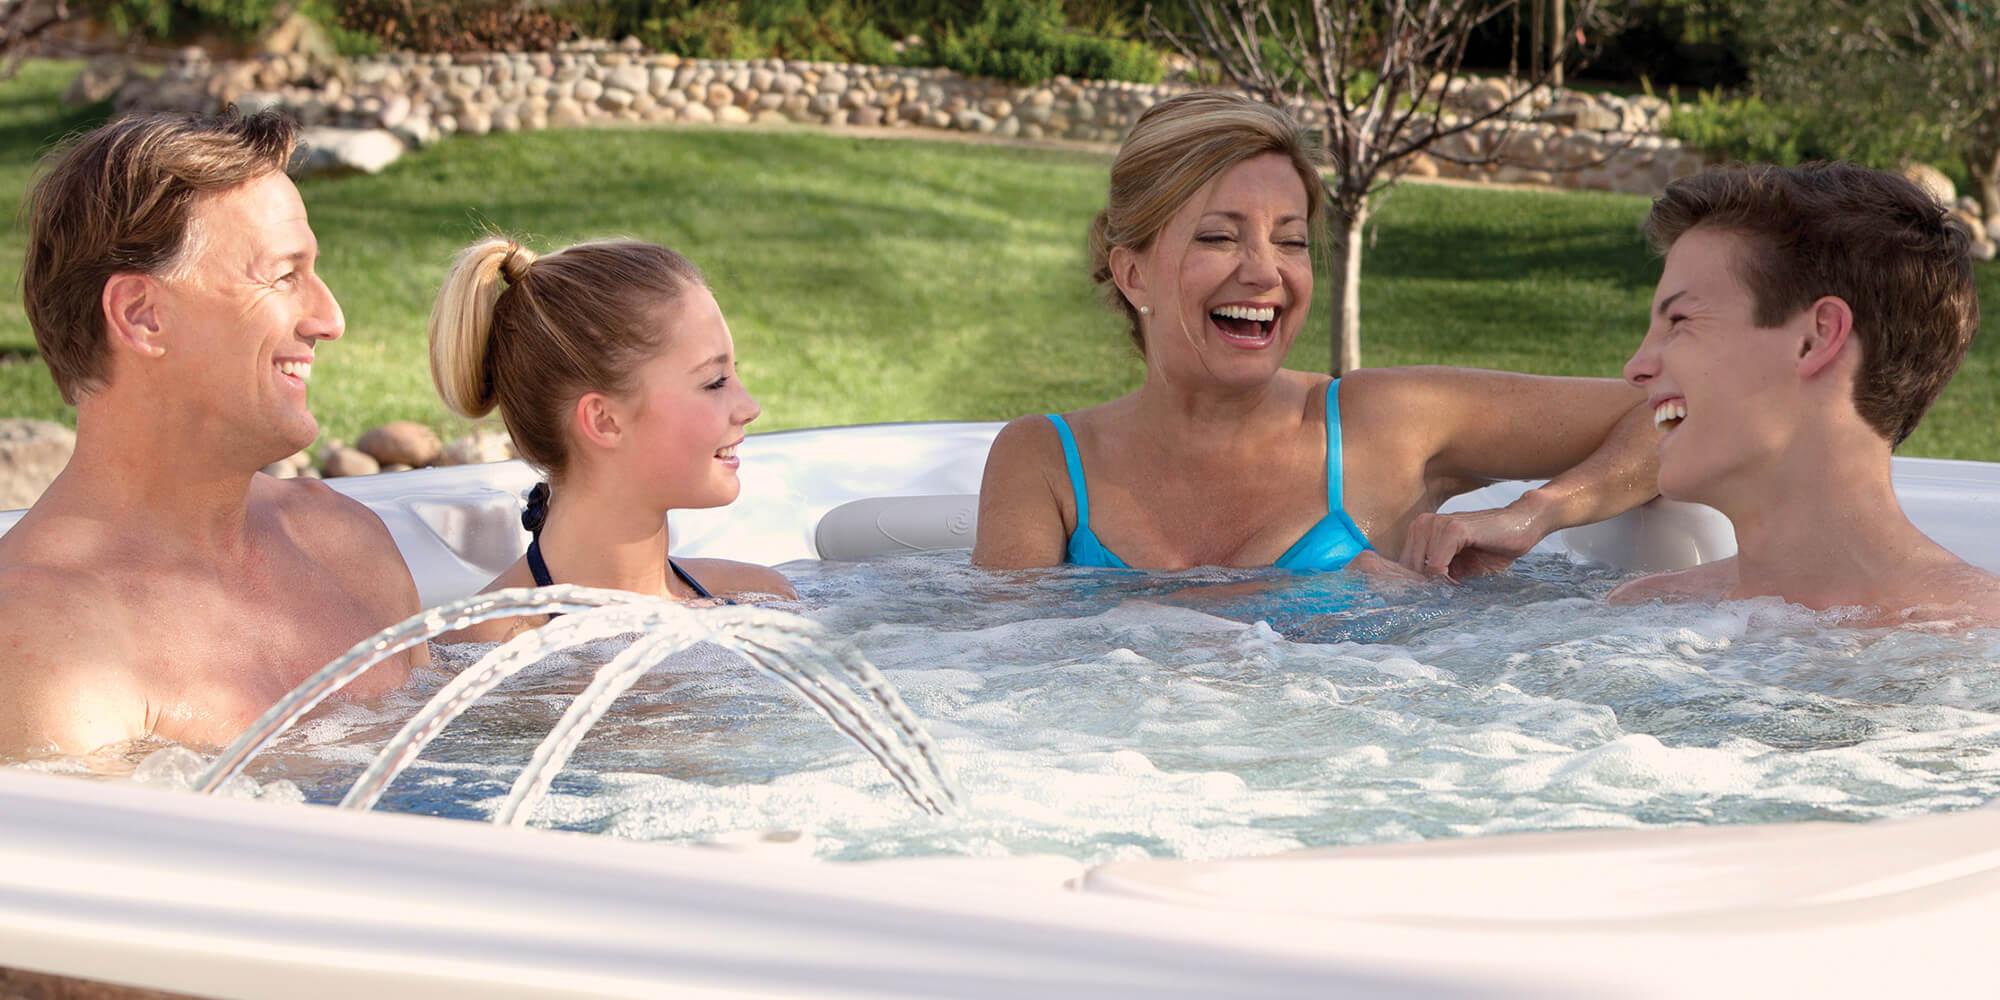 AllSpa Hot Tub, Swim Spa and Sauna Services